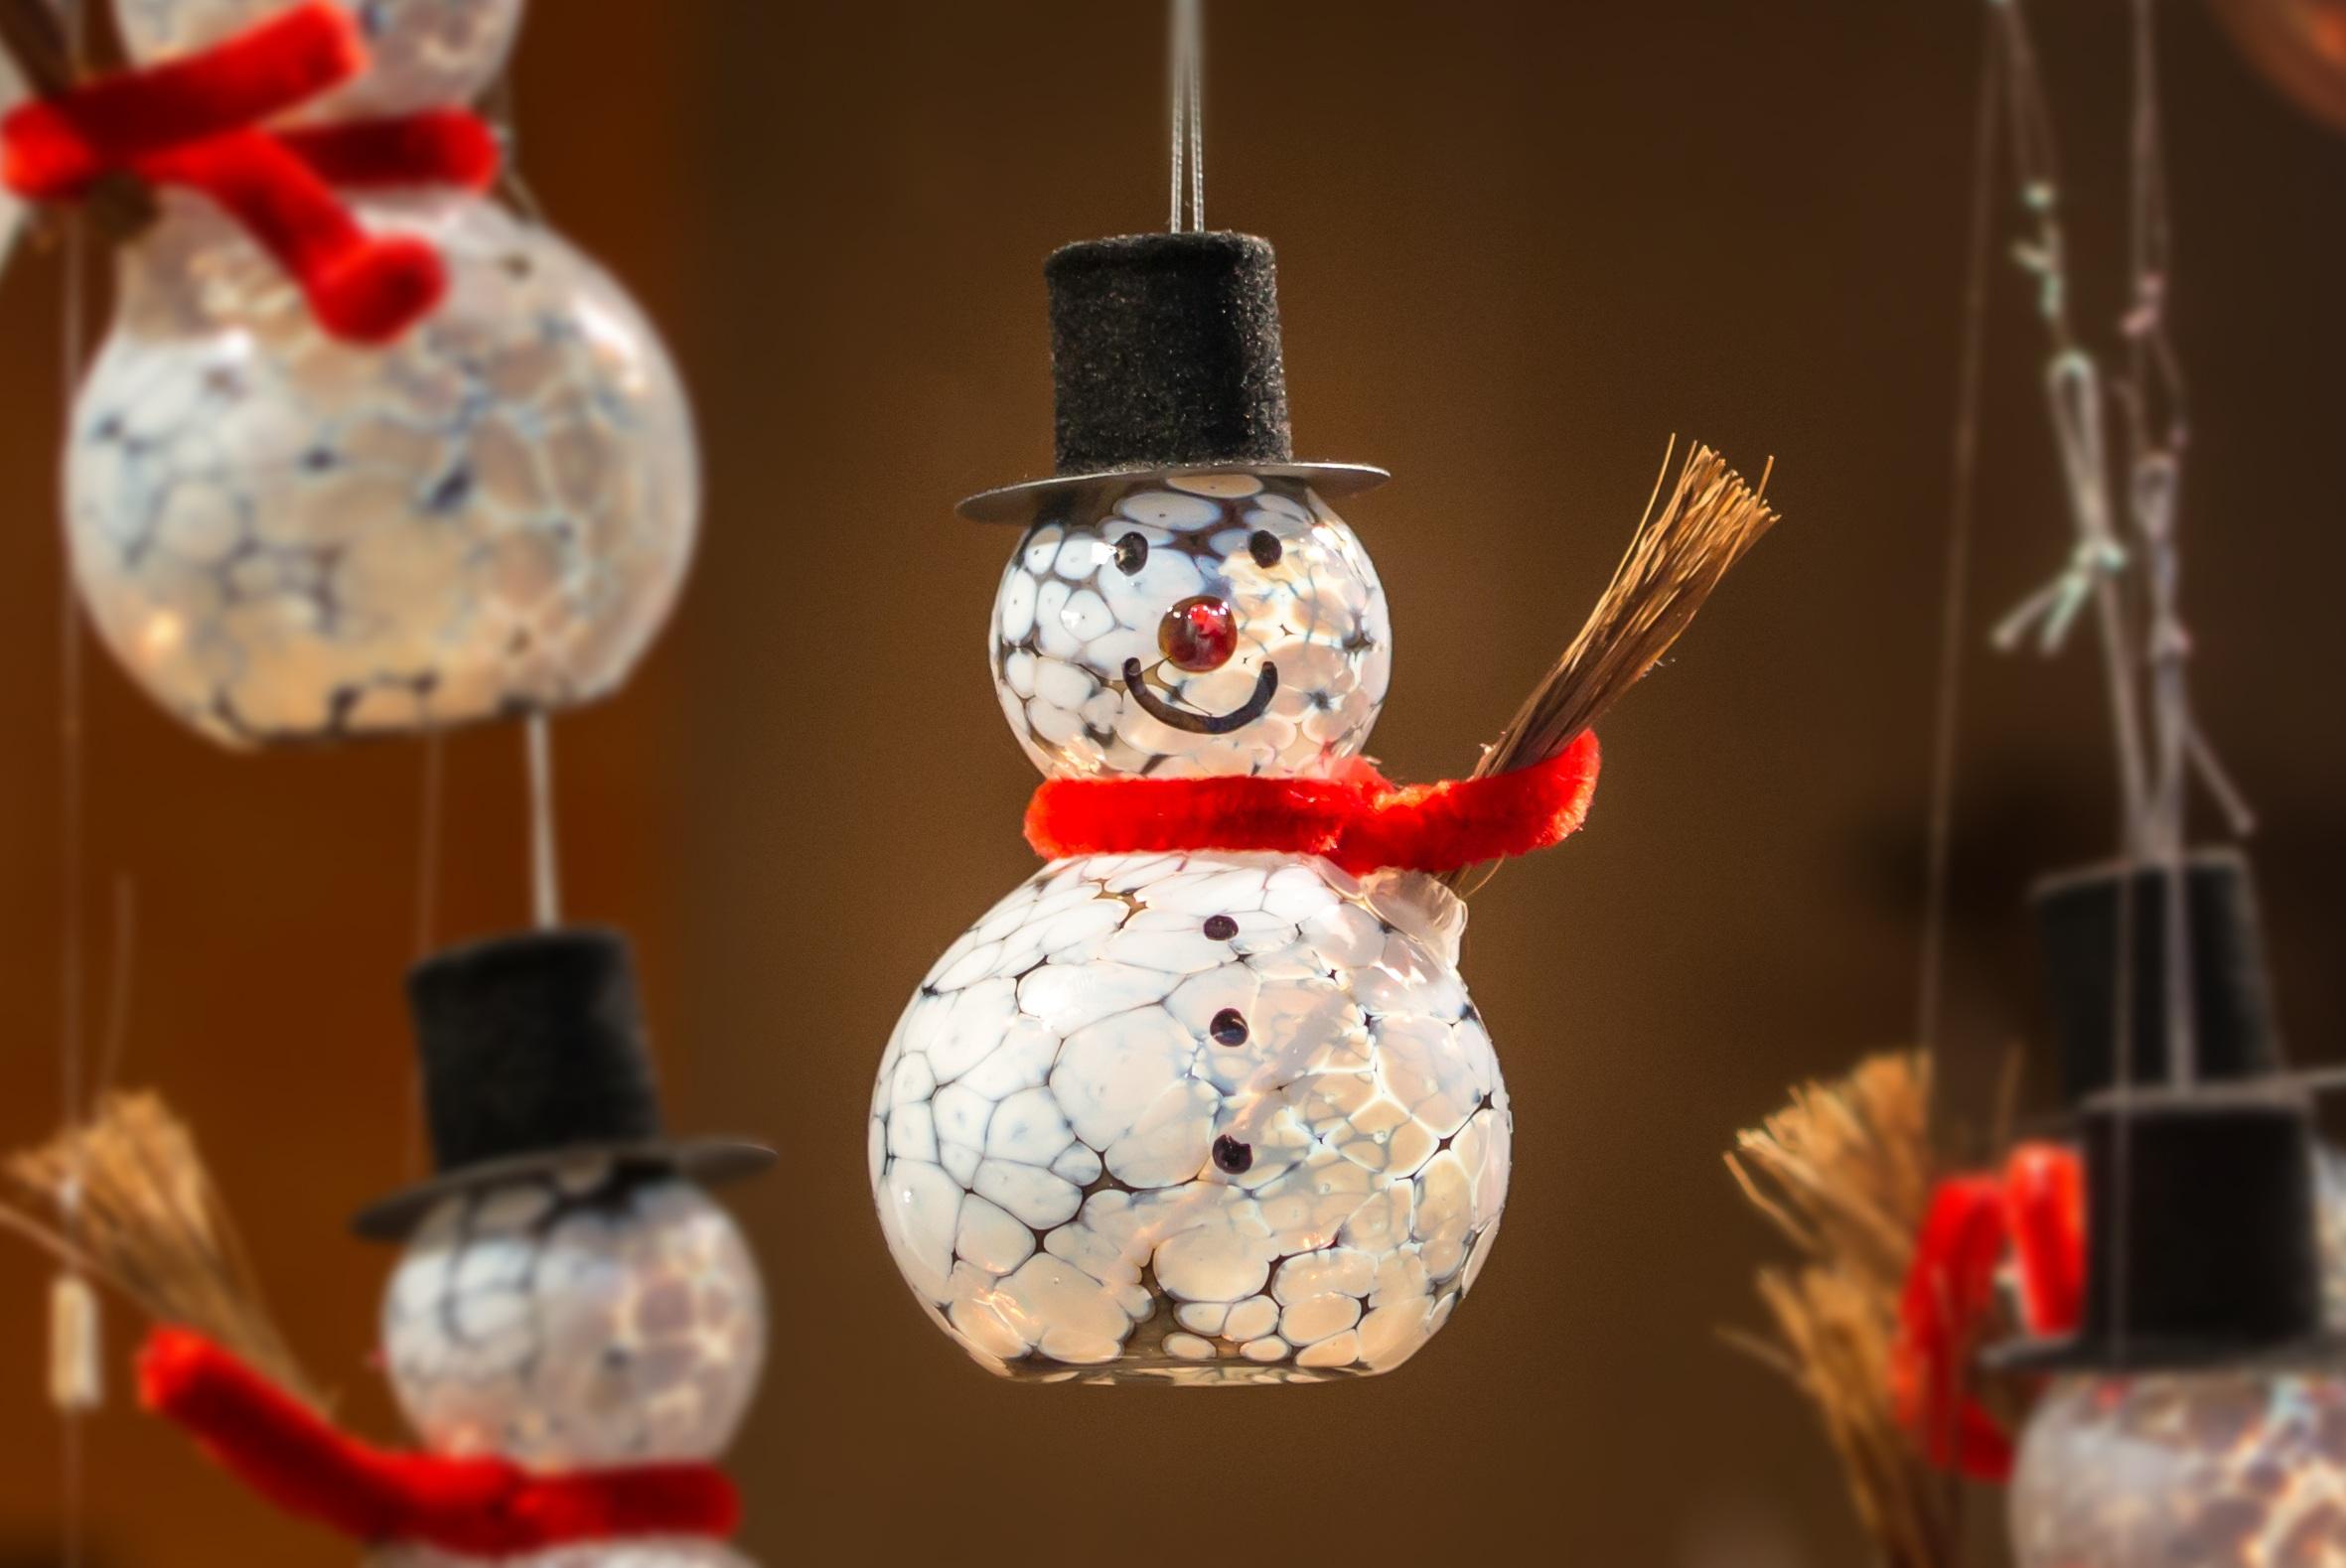 Fotos gratis invierno rojo nevado rbol de navidad for Adornos navidenos 2017 trackid sp 006